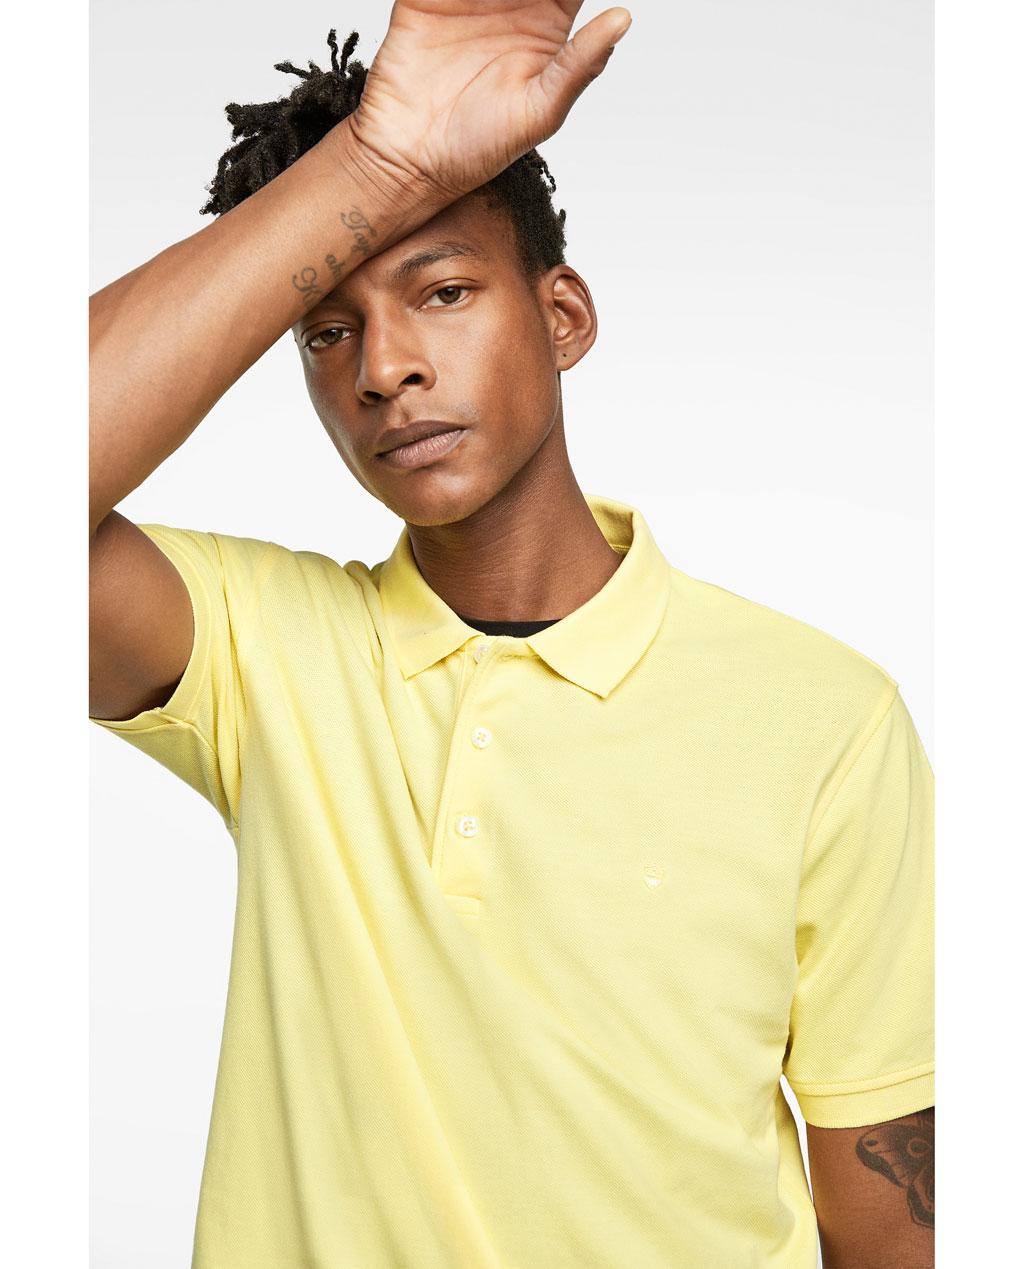 Thời trang nam Zara  24138 - ảnh 7